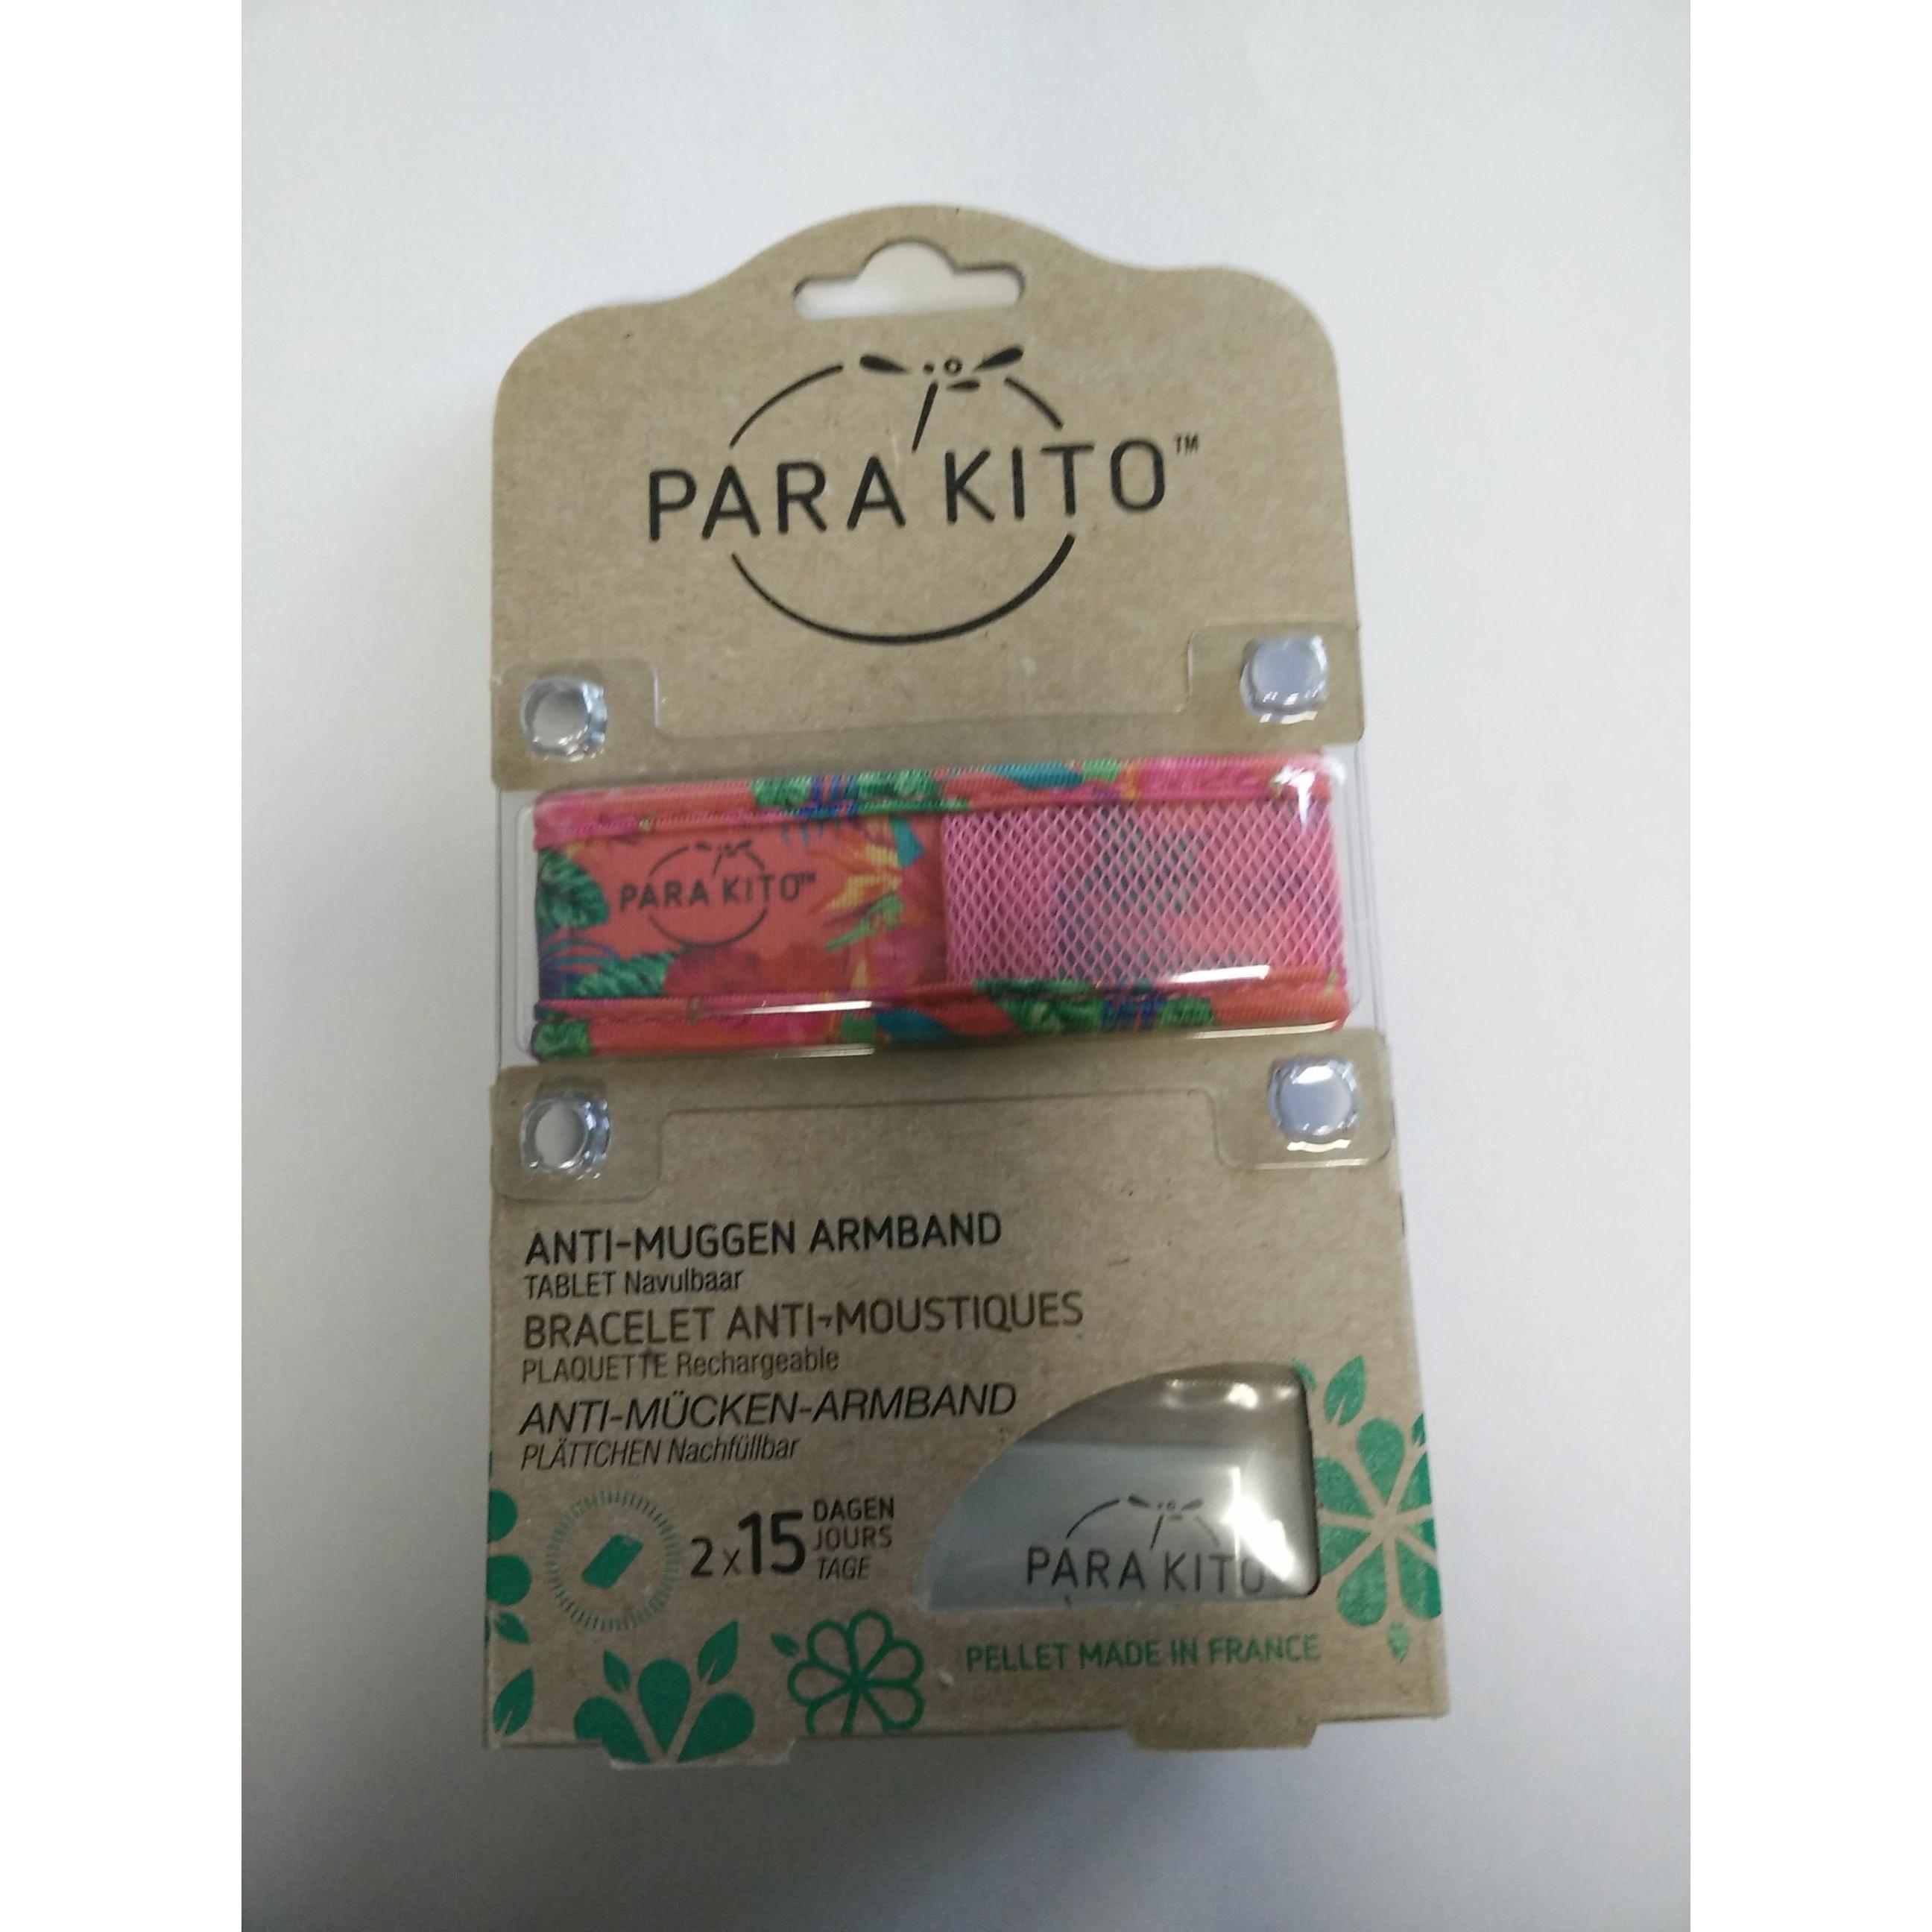 Parakito Anti-Muggen Armband Graffic Groot Model roos-bloemen